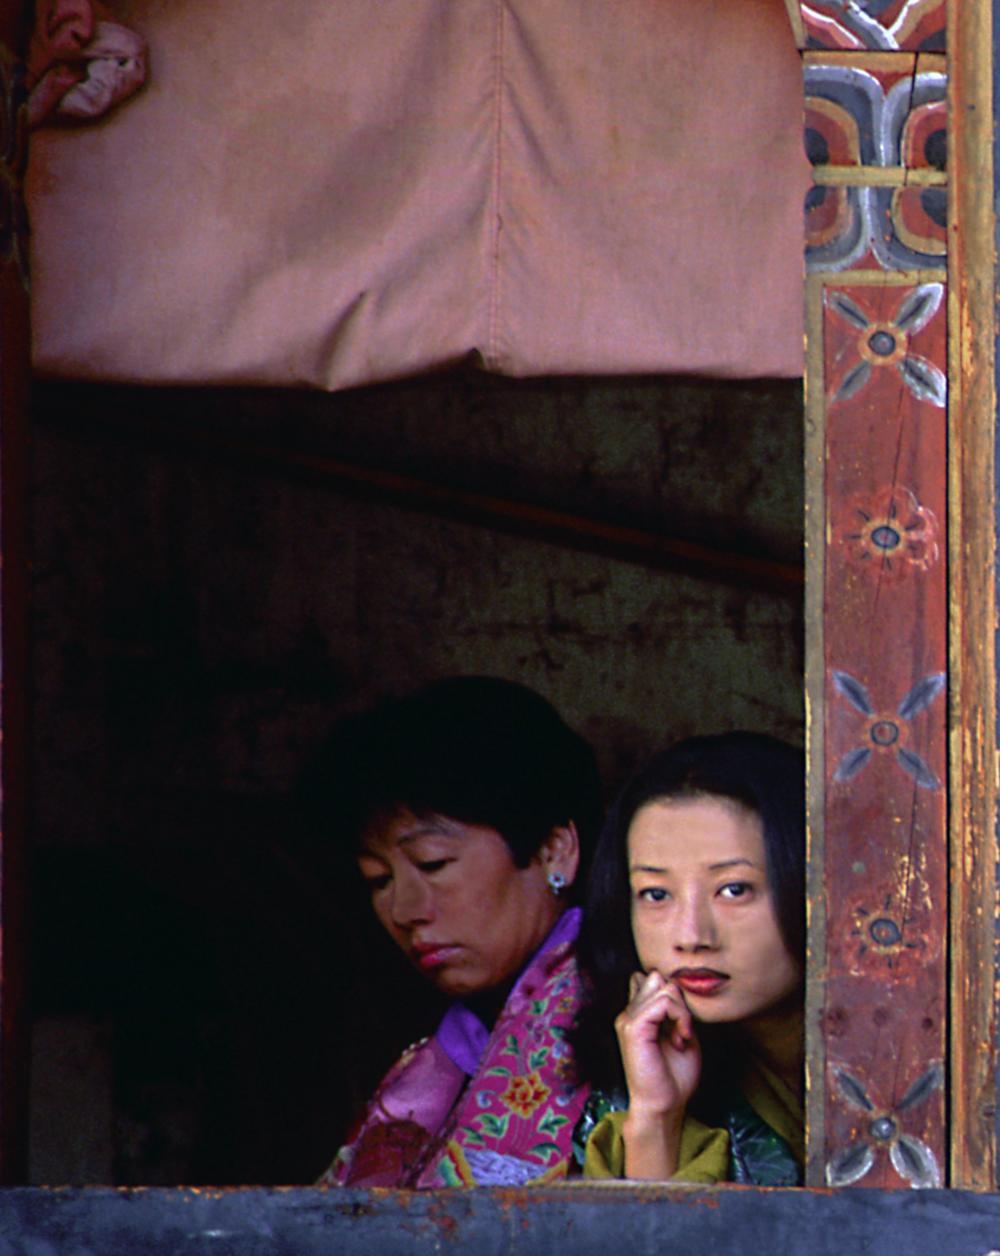 aw_20080419_Bhutan Women_003.png